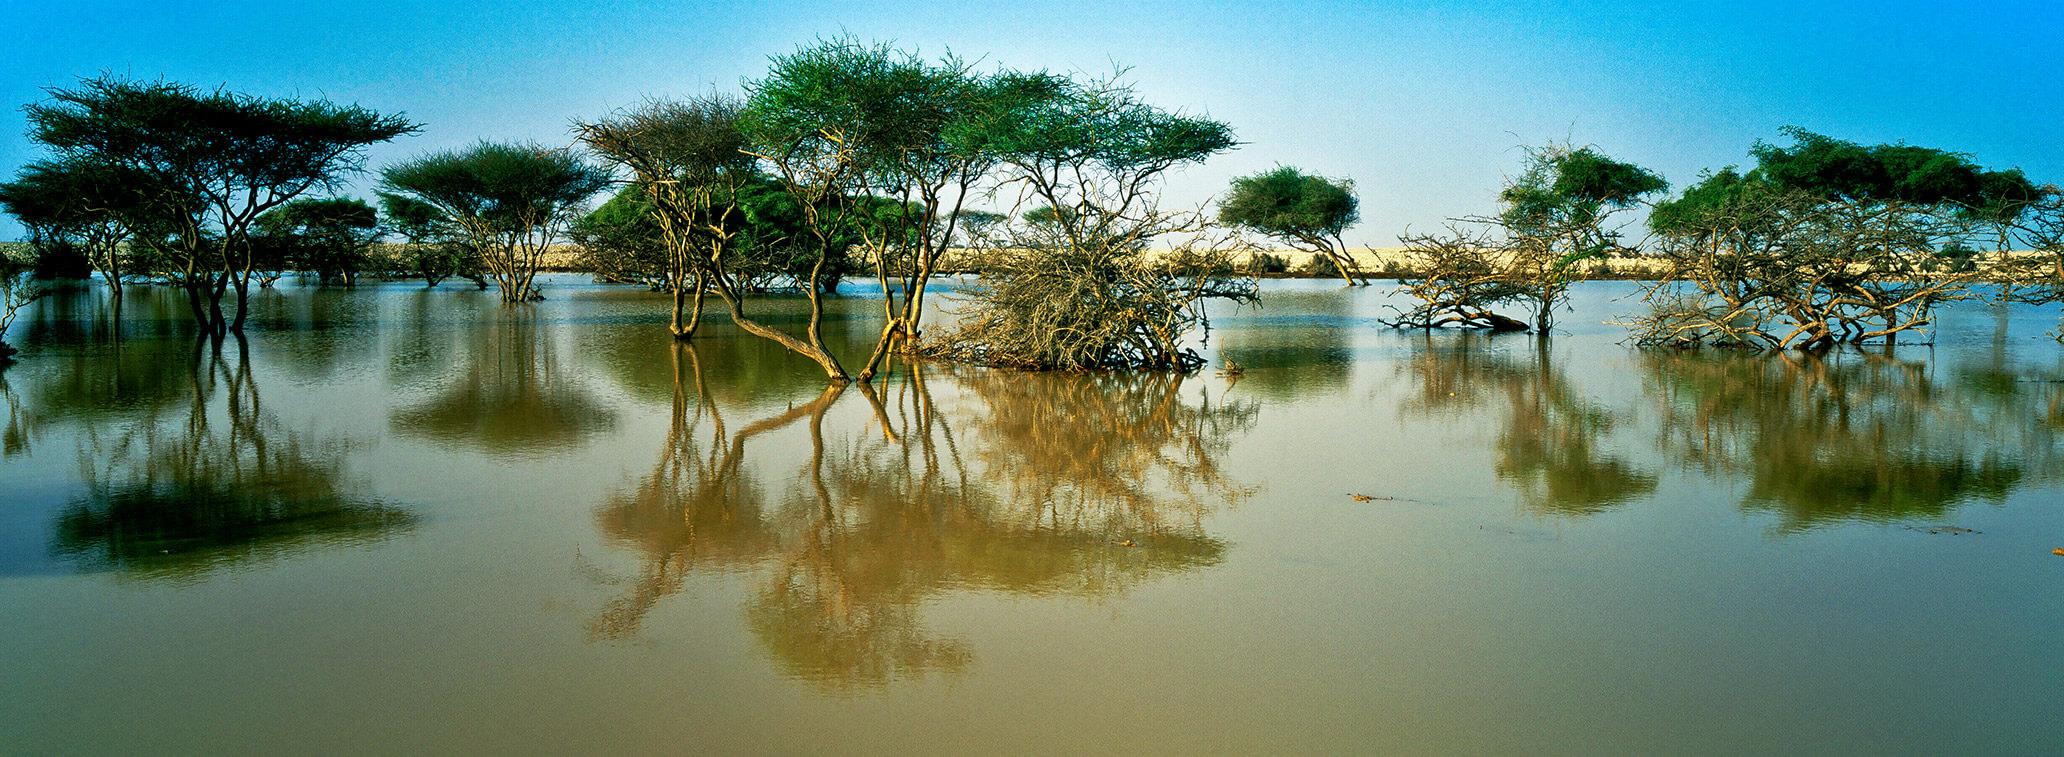 mangroves-02-detail